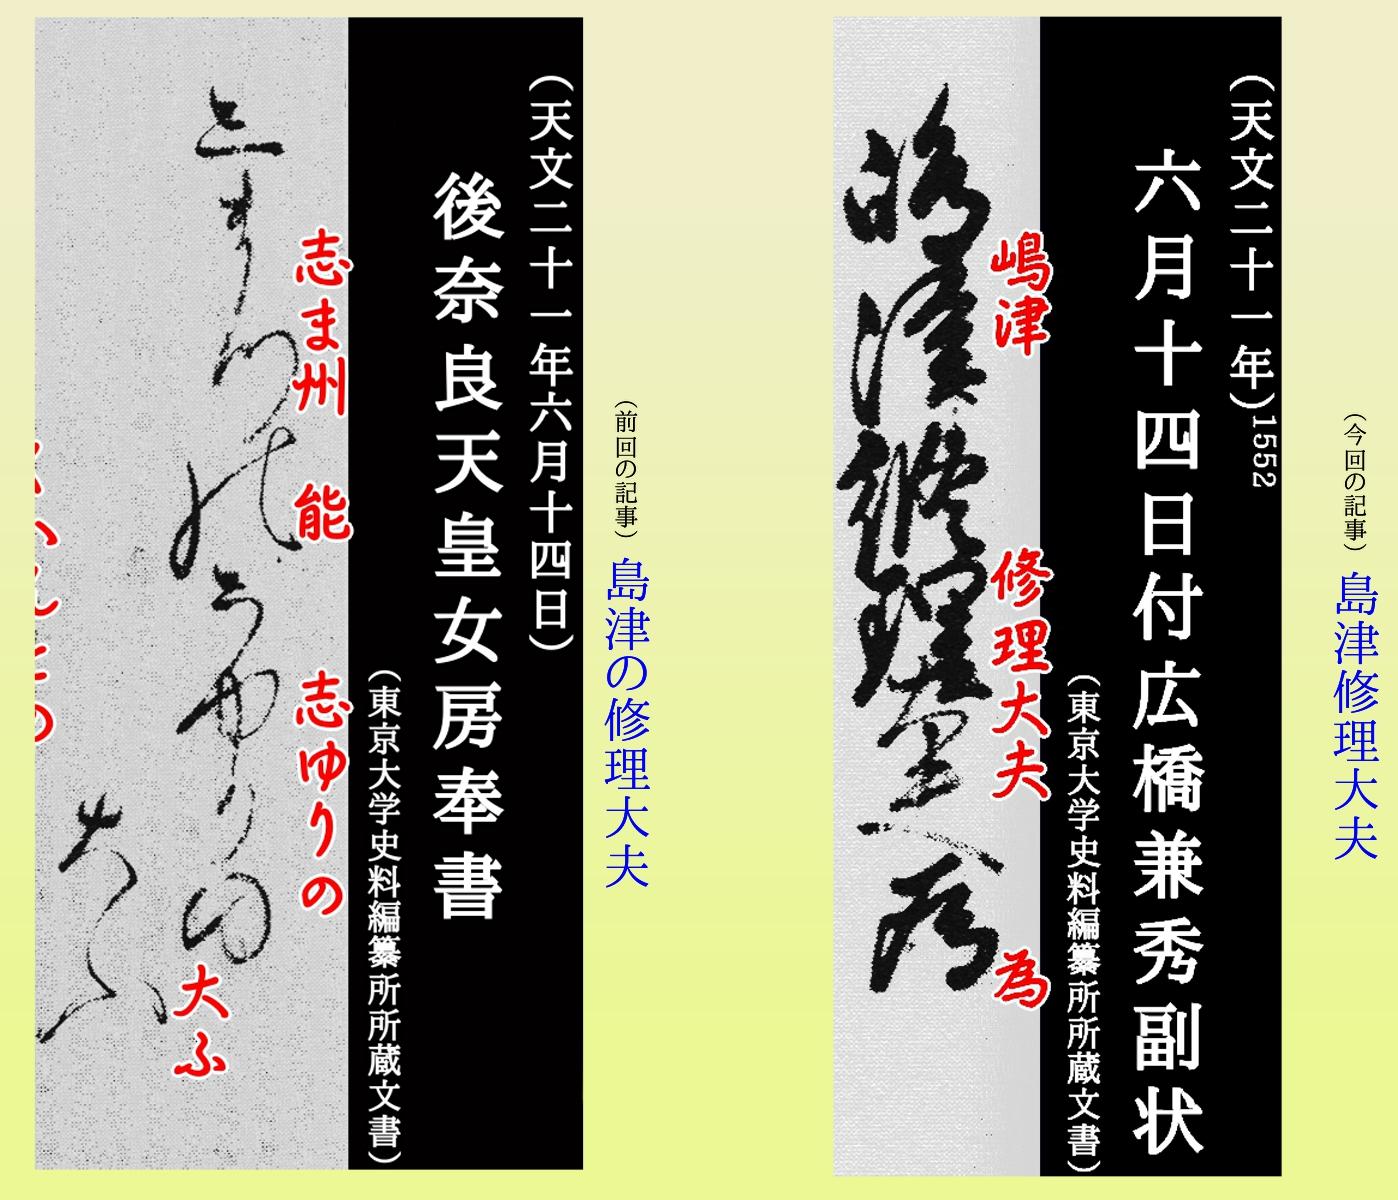 本状と副状の違いを後奈良天皇奉書から比較してみよう!-解説01